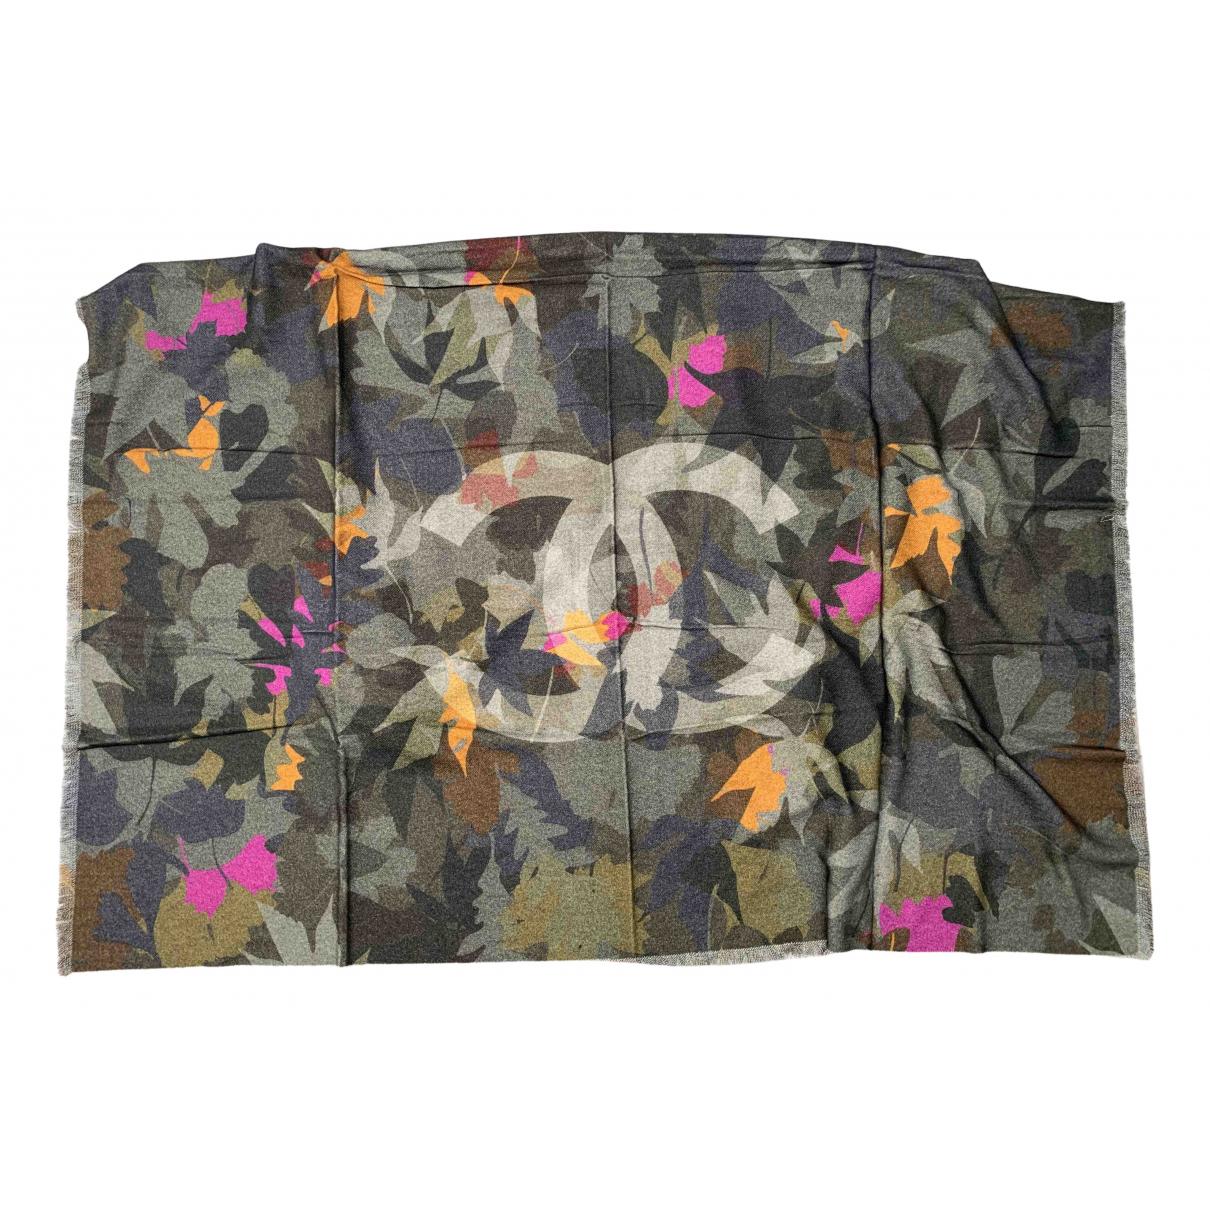 Chanel - Foulard   pour femme en cachemire - multicolore